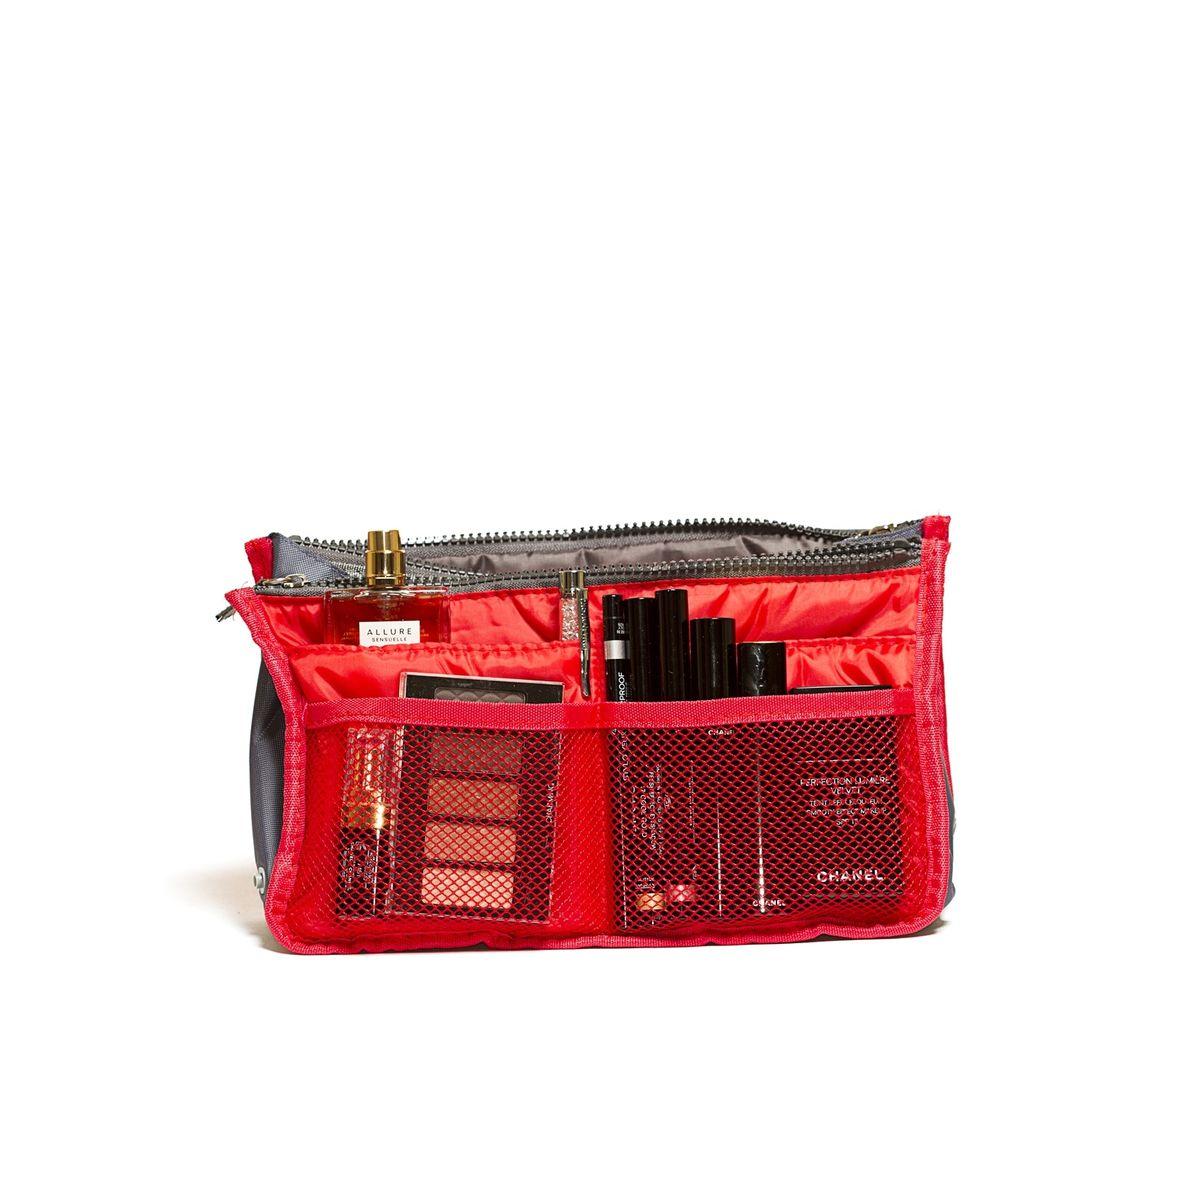 Органайзер для сумки Homsu, цвет: красный, 30 x 8,5 x 18,5 смHOM-138Органайзер для сумки Homsu выполнен из полиэстера и текстиля. Этот органайзер для сумки имеет три вместительных отделениях для вещей, четыре кармашка по бокам и шесть кармашков в виде сетки. Такой органайзер обеспечит полный порядок в вашей сумке. Данный аксессуар обладает быстрой регулировкой толщины с помощью кнопок. Органайзер оснащен двумя крепкими ручками, что позволяет применять его и вне сумки.Размер: 30 x 8,5 x 18,5 см.